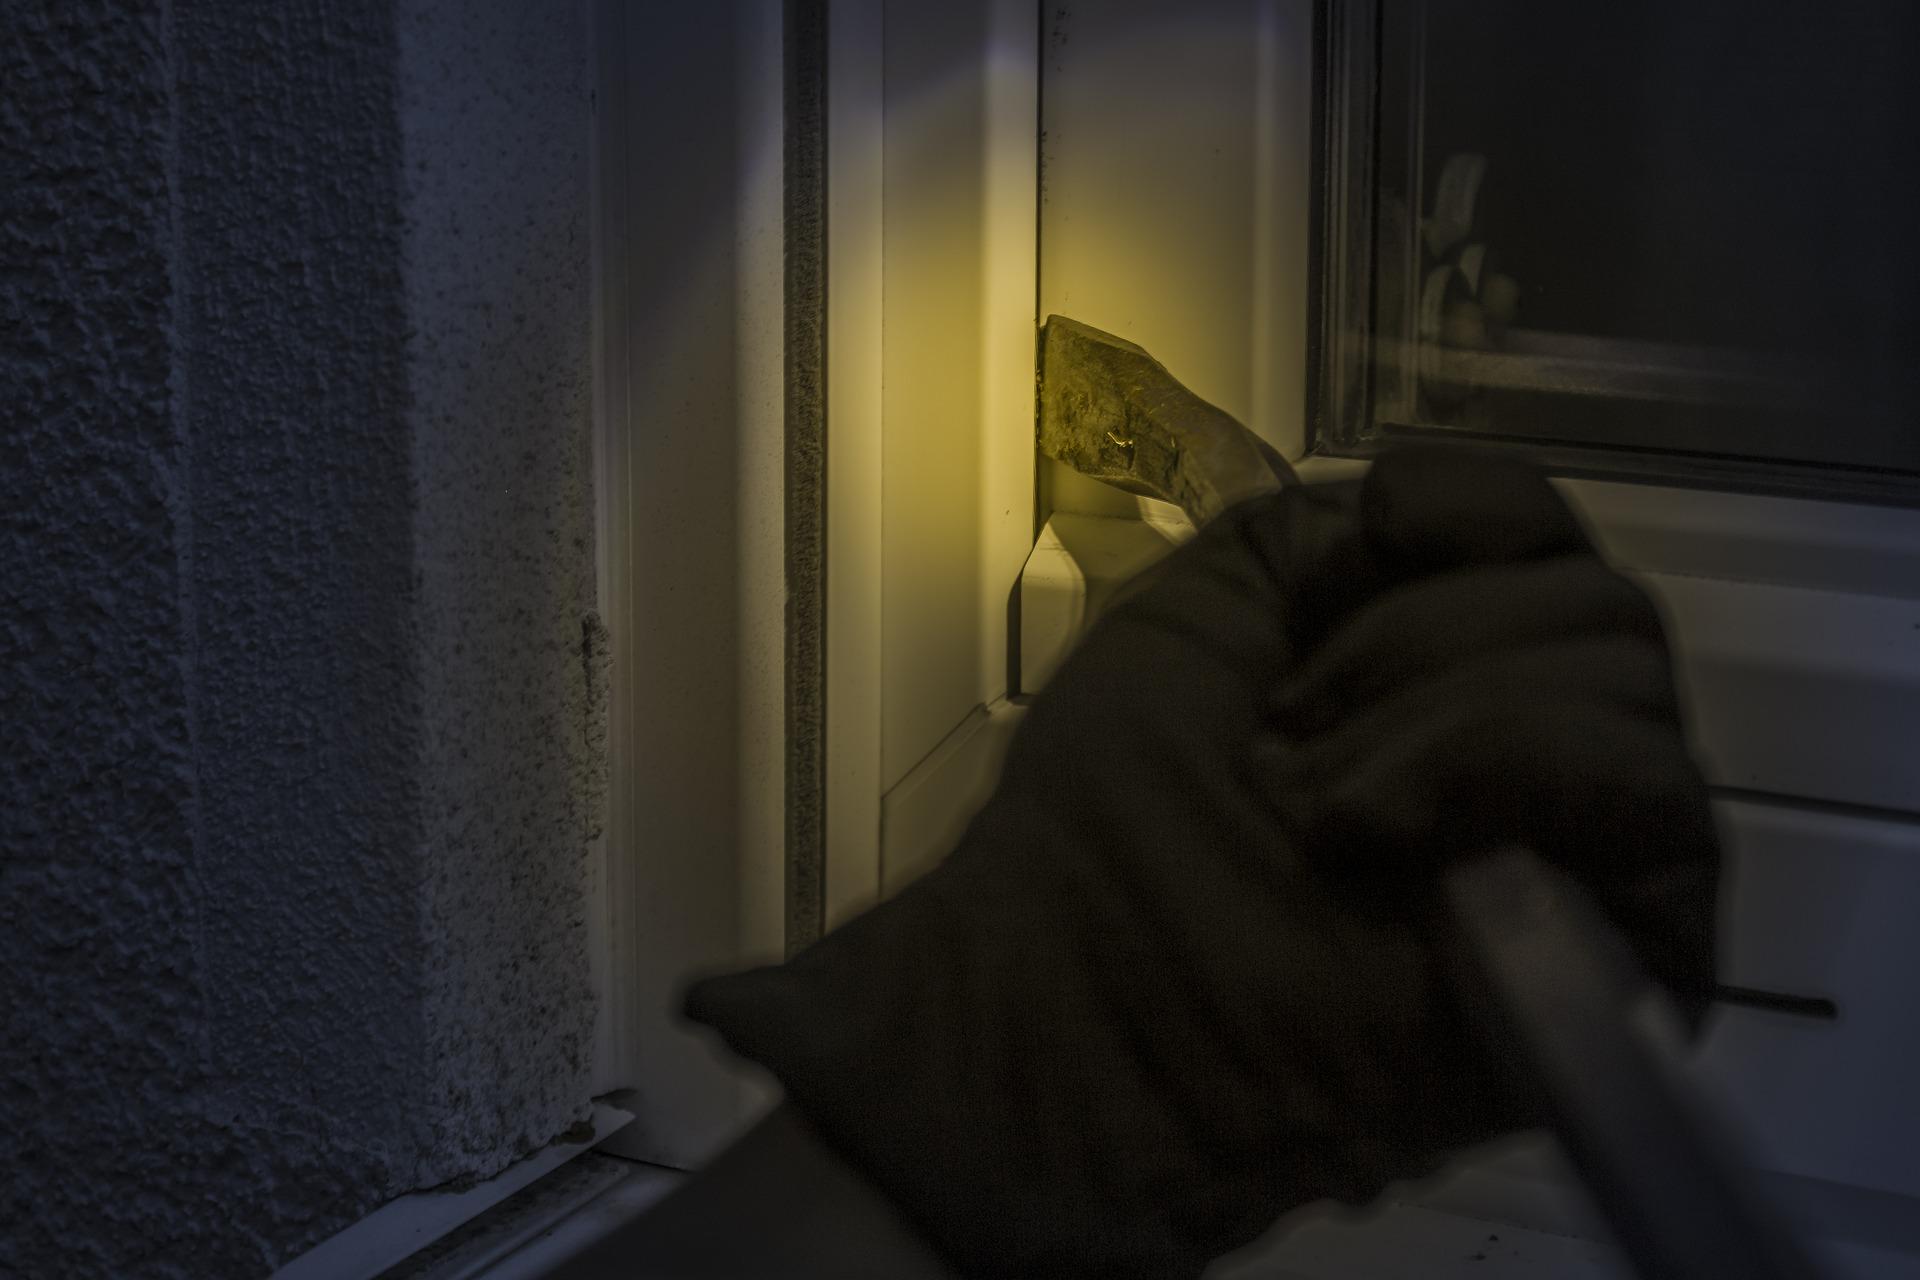 Włamał się do mieszkania i porwał 9-letniego chłopca. Zatrzymano 3 osoby